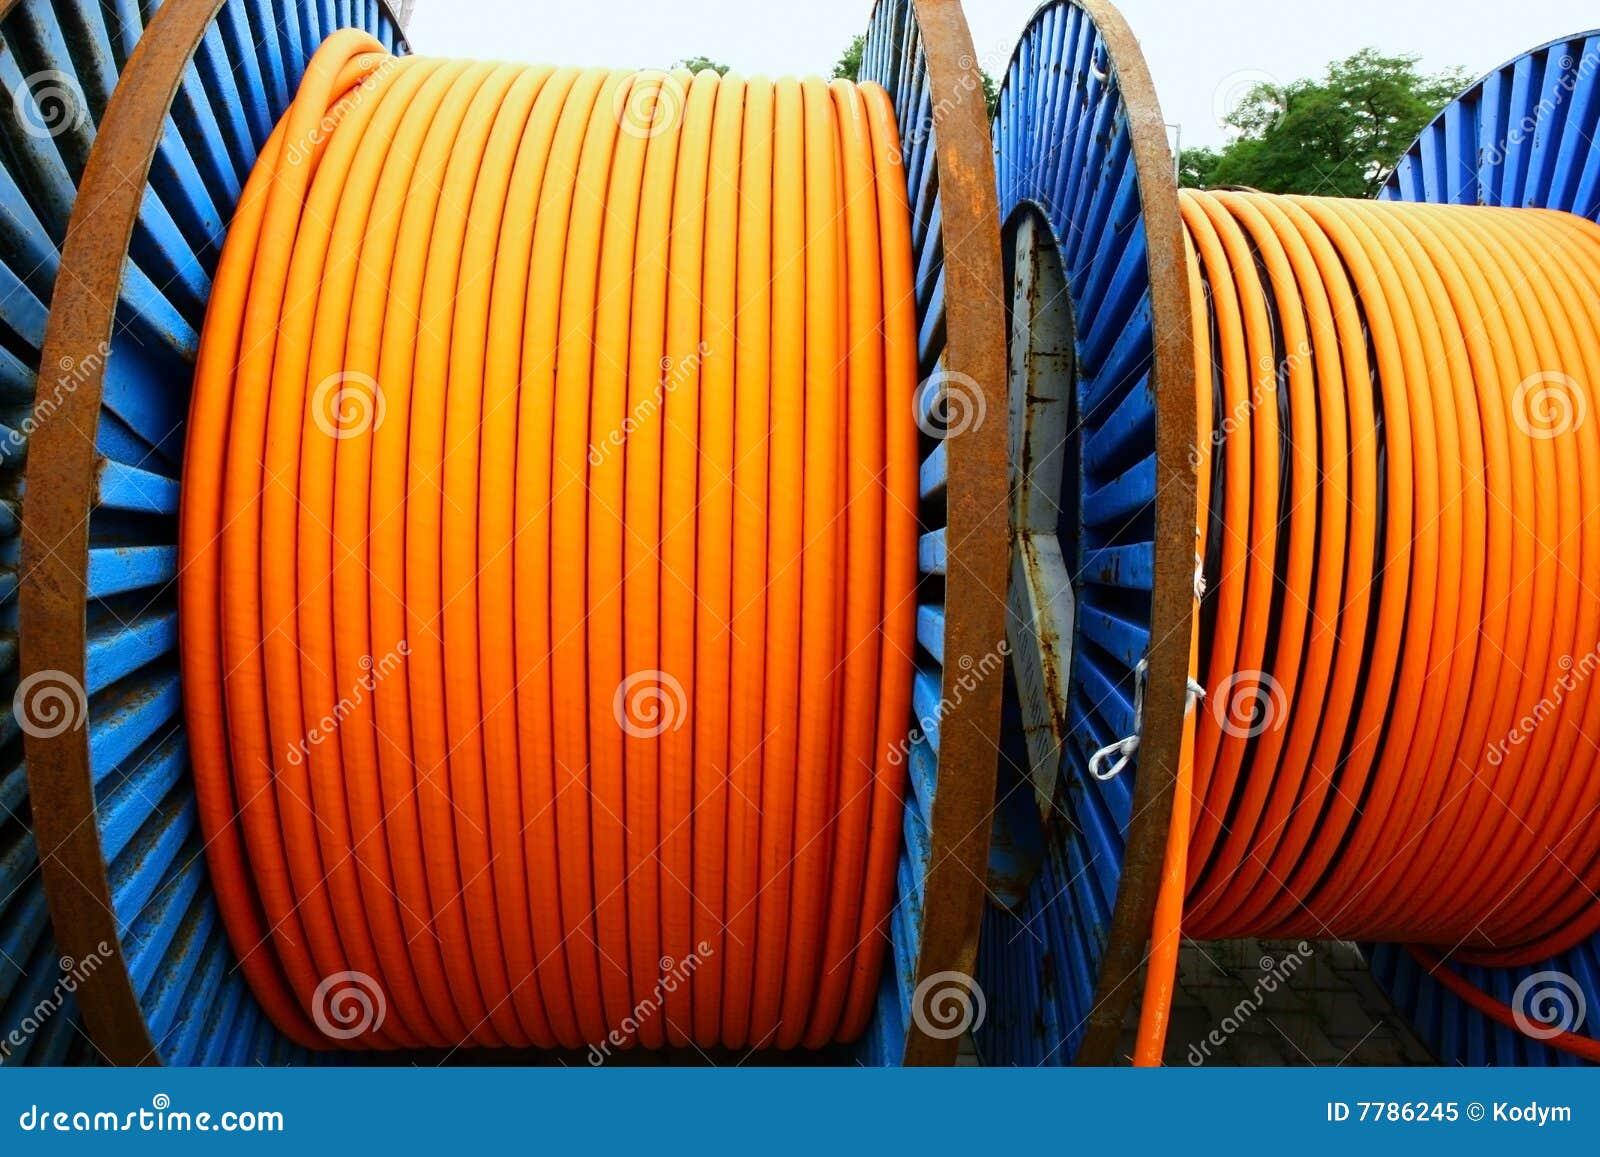 Orange Wires On Metal Spools Royalty